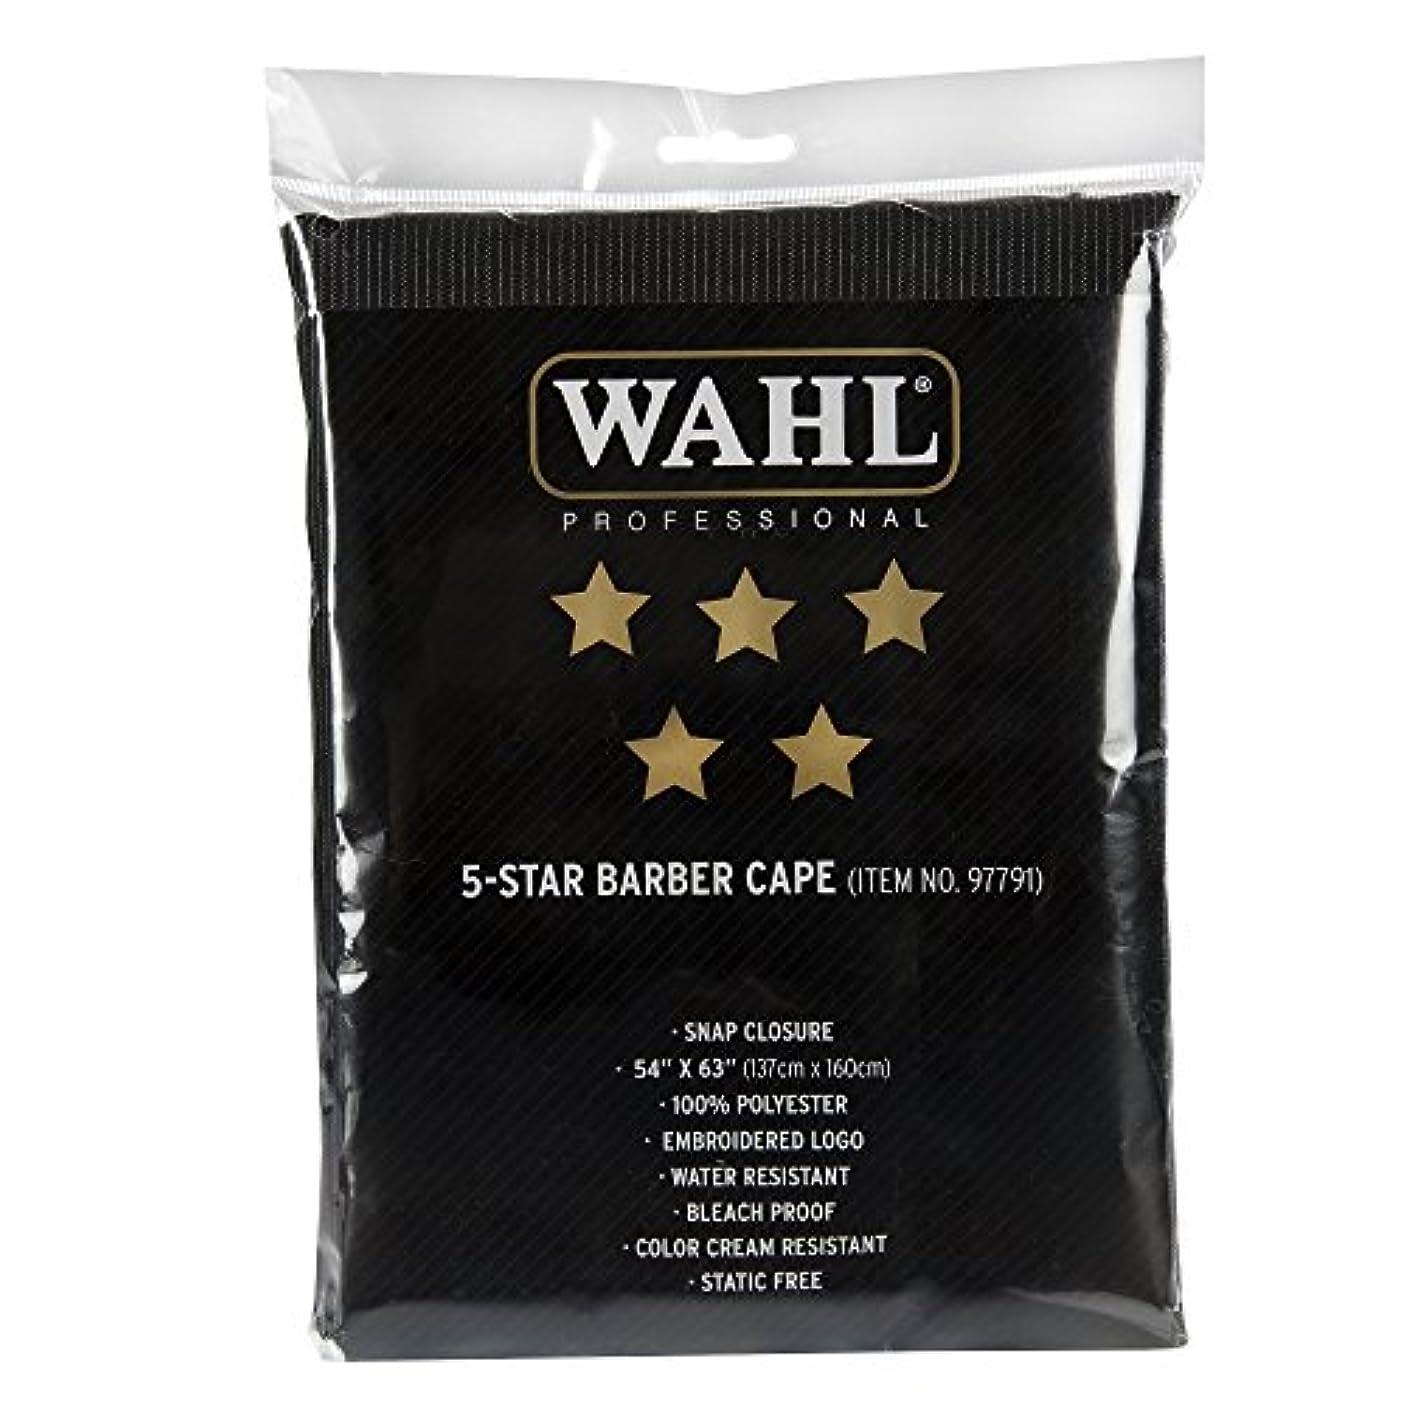 干渉バックグラウンド過半数wahl 5-STAR barber cape カットクロス